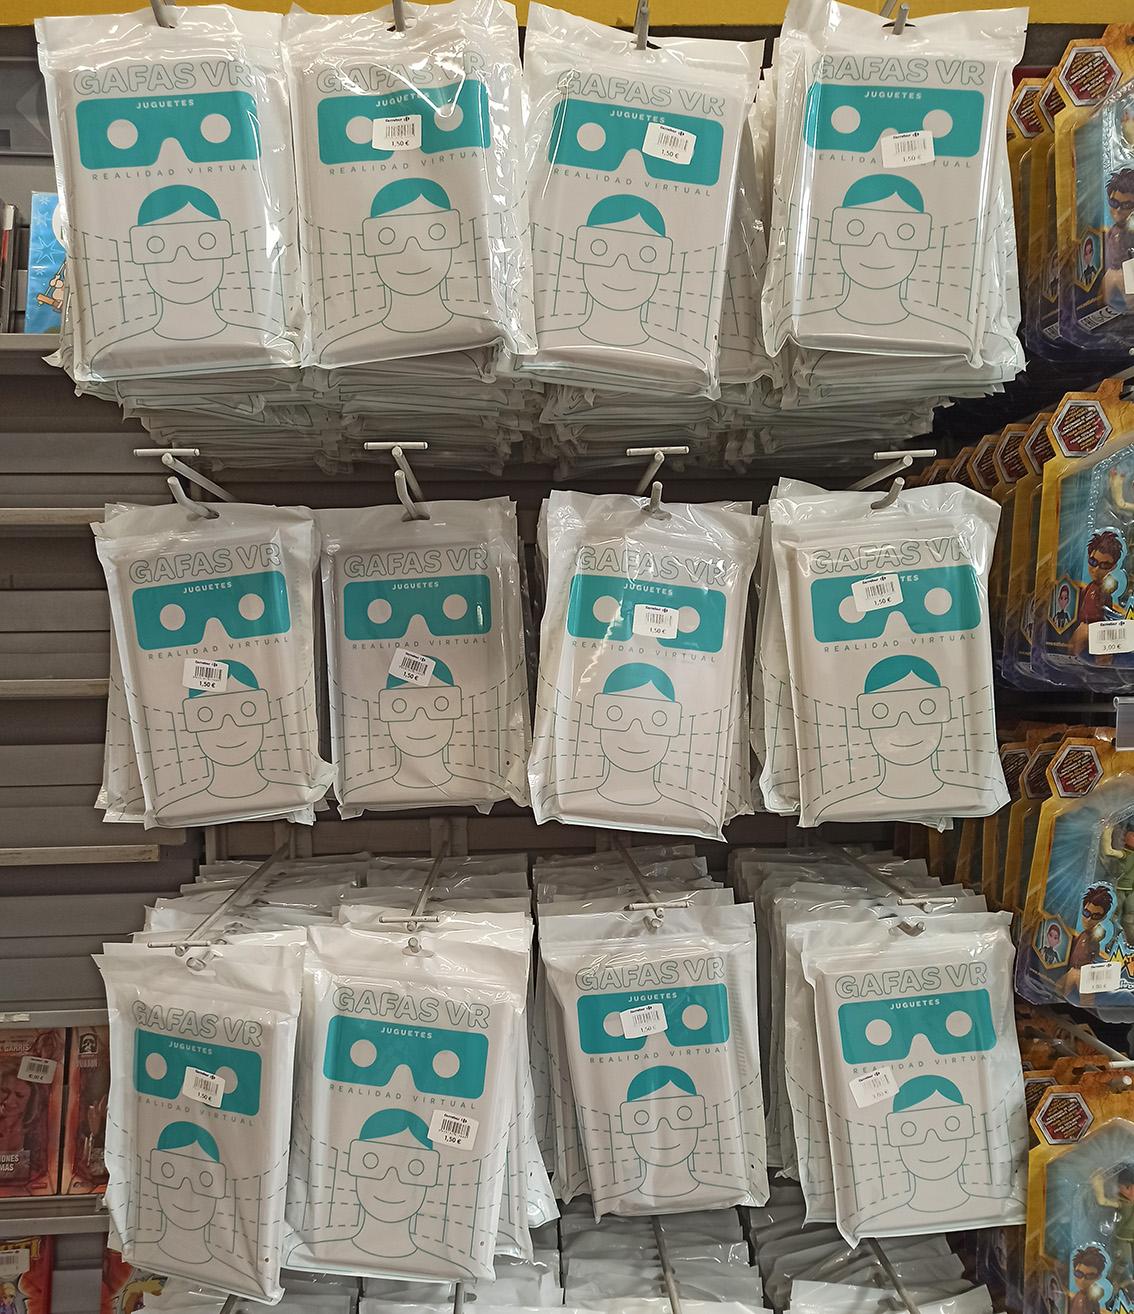 Gafas VR cartón, Carrefour El Prat de Llobregat